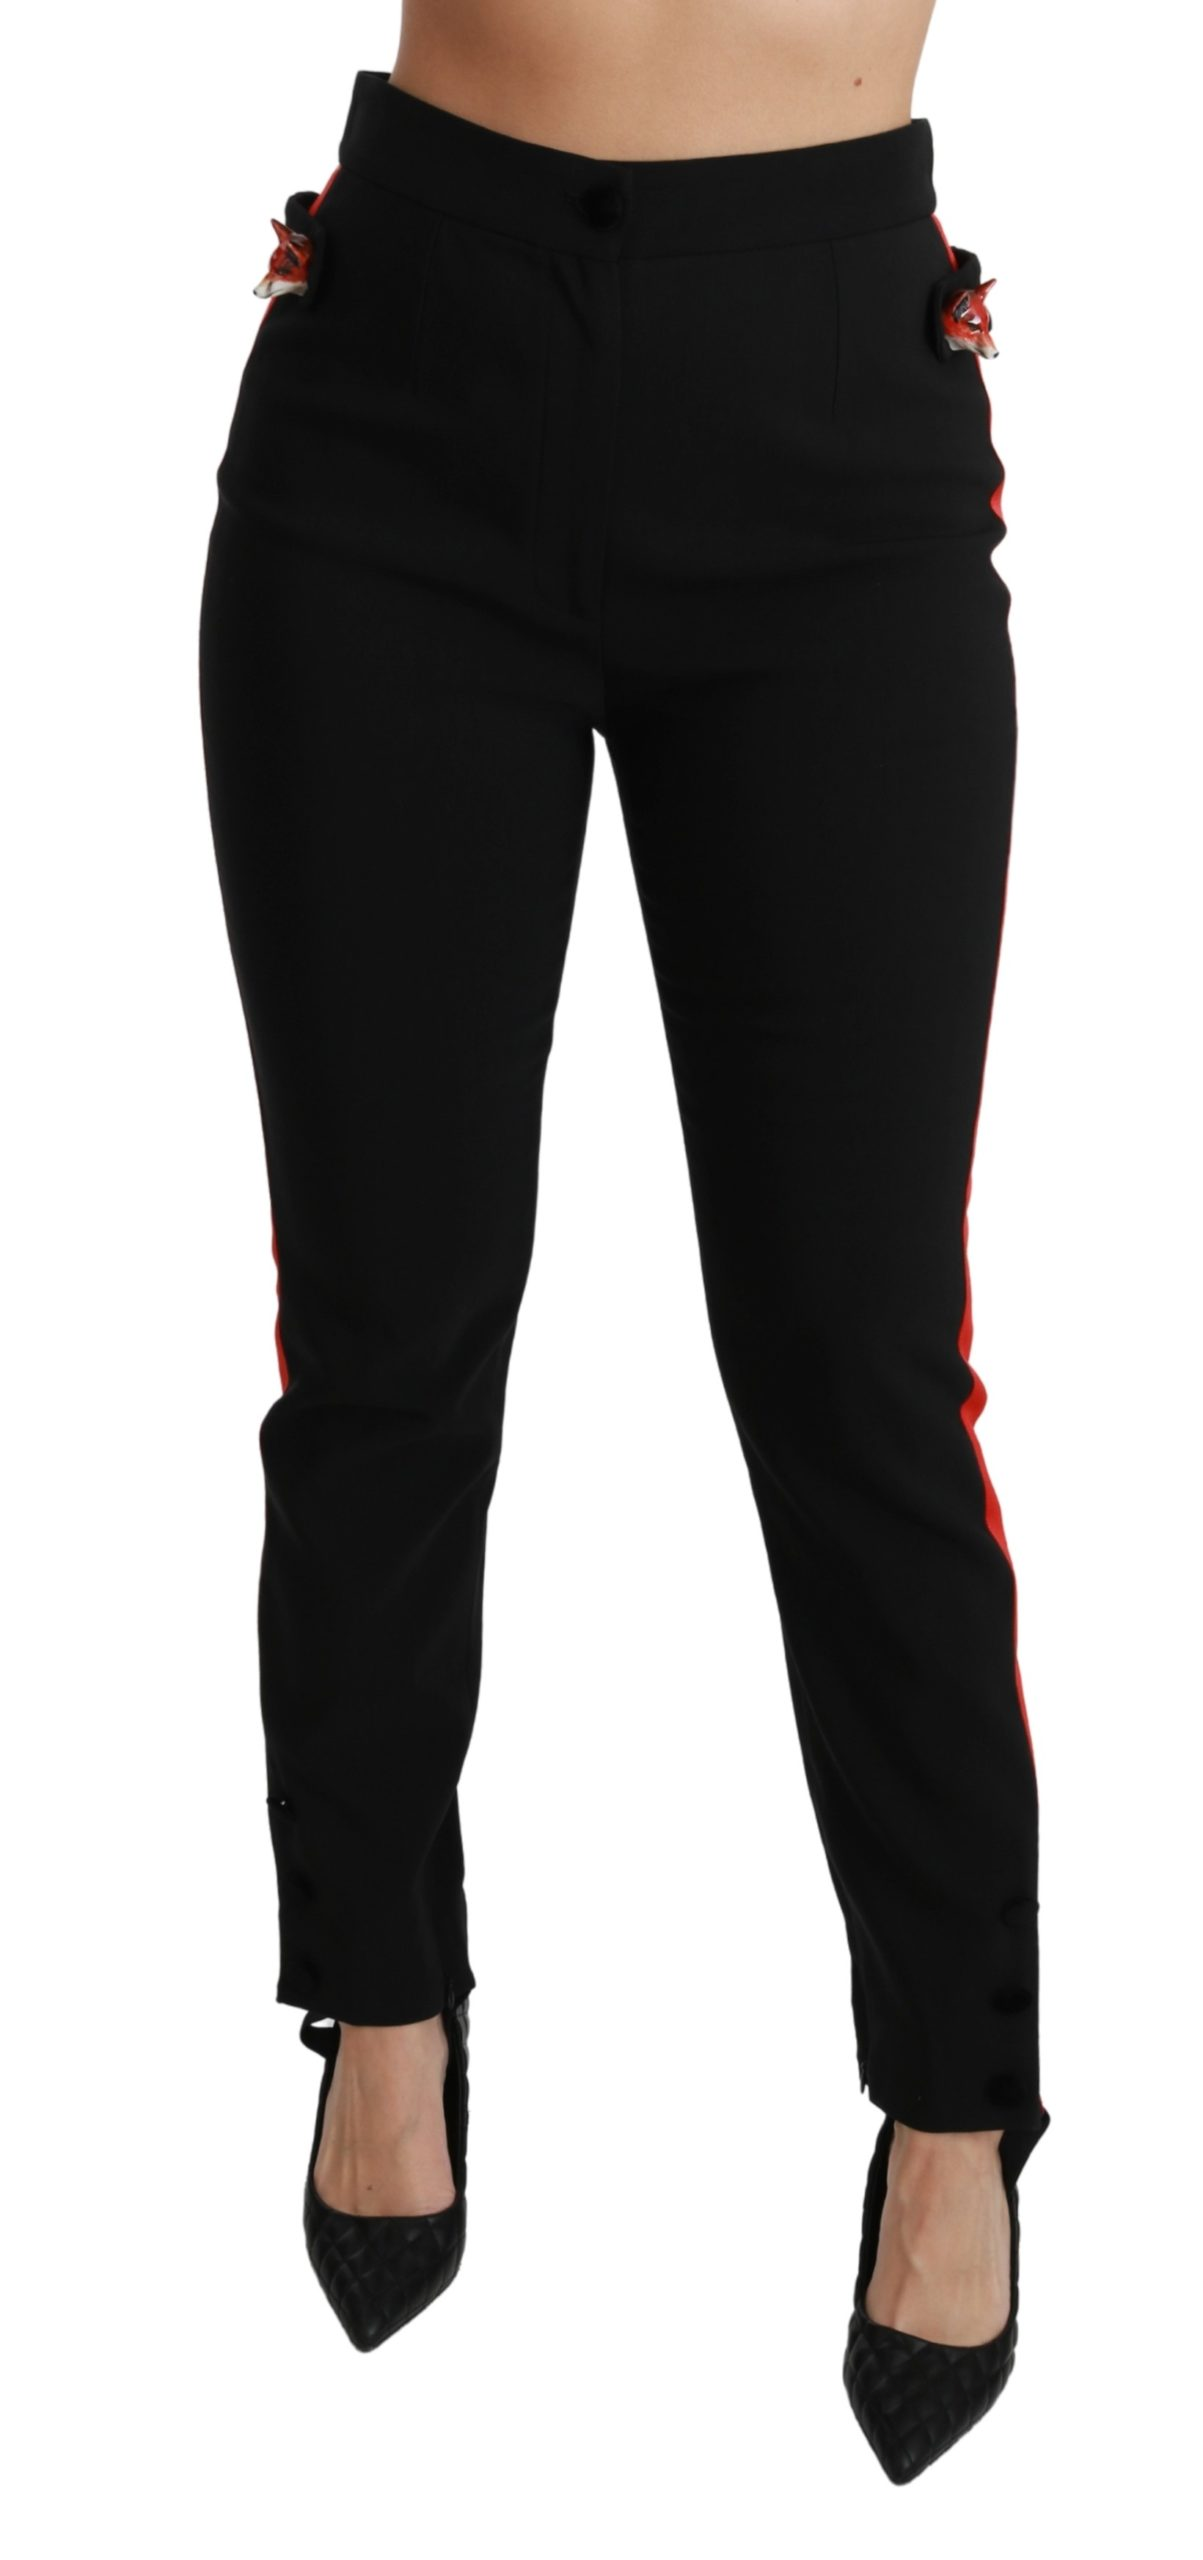 Dolce & Gabbana Women's Skinny Stretch Cotton Trouser Black PAN70926 - IT40 S